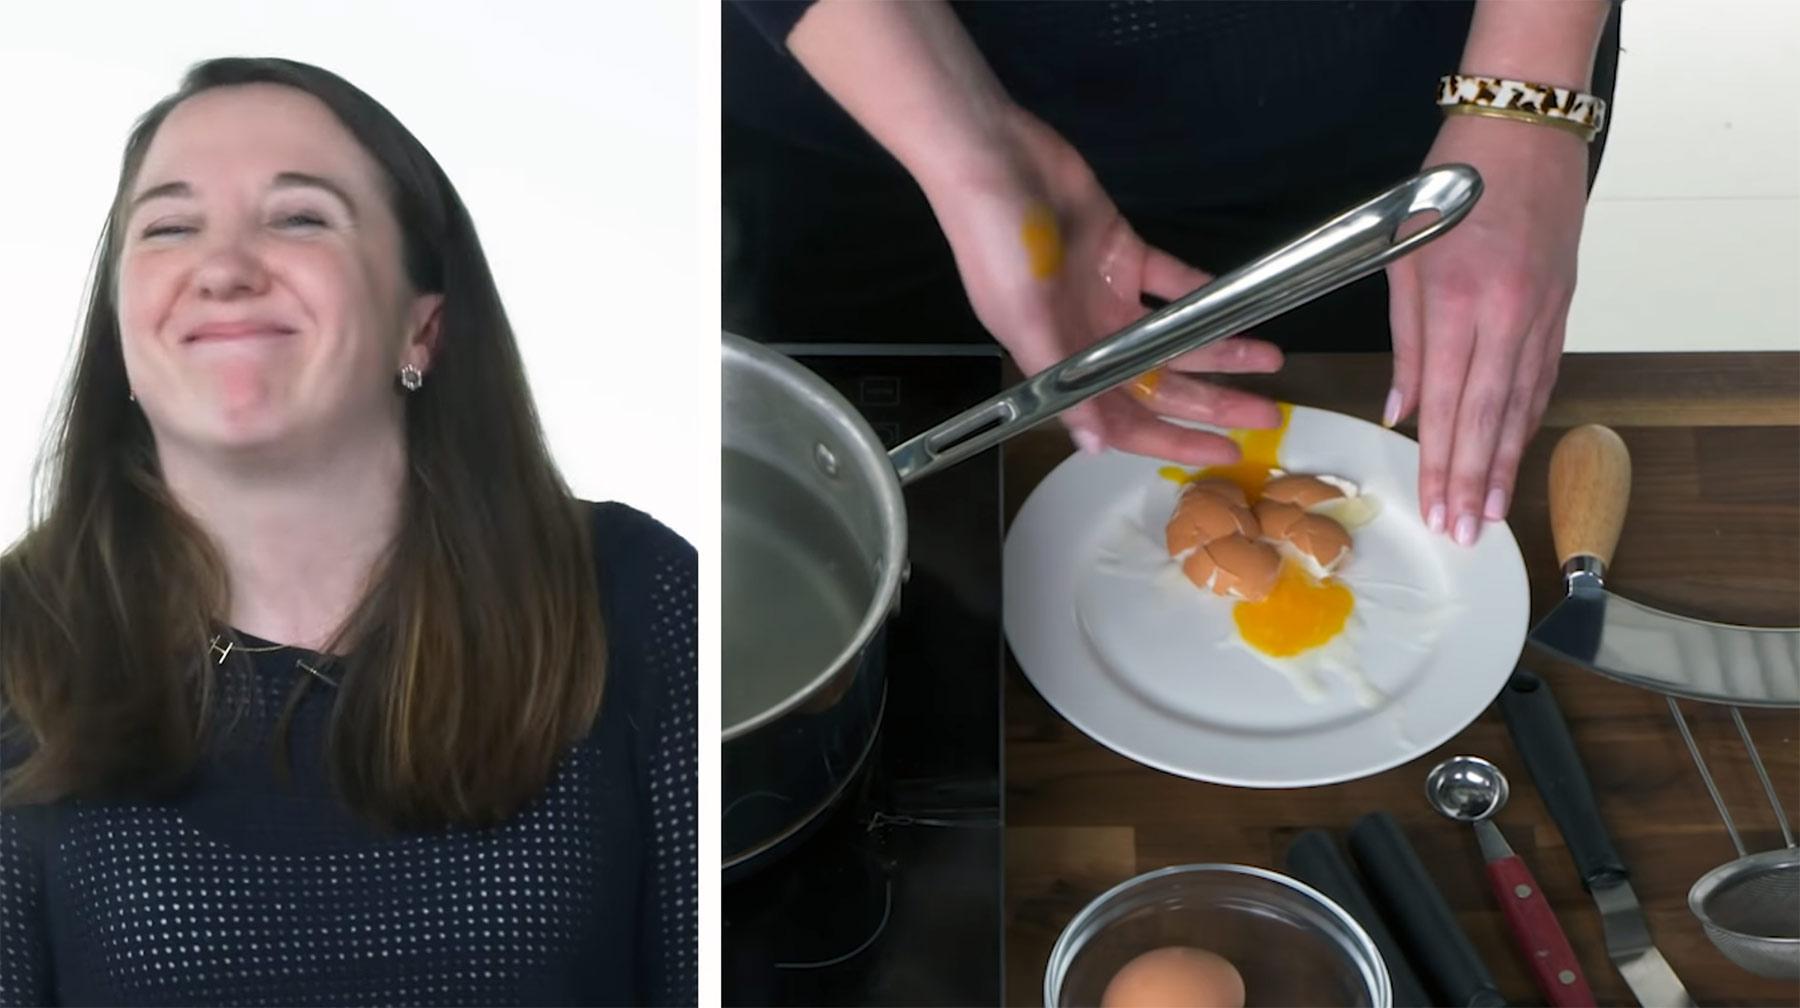 50 Leute versuchen, ein Ei zu pochieren